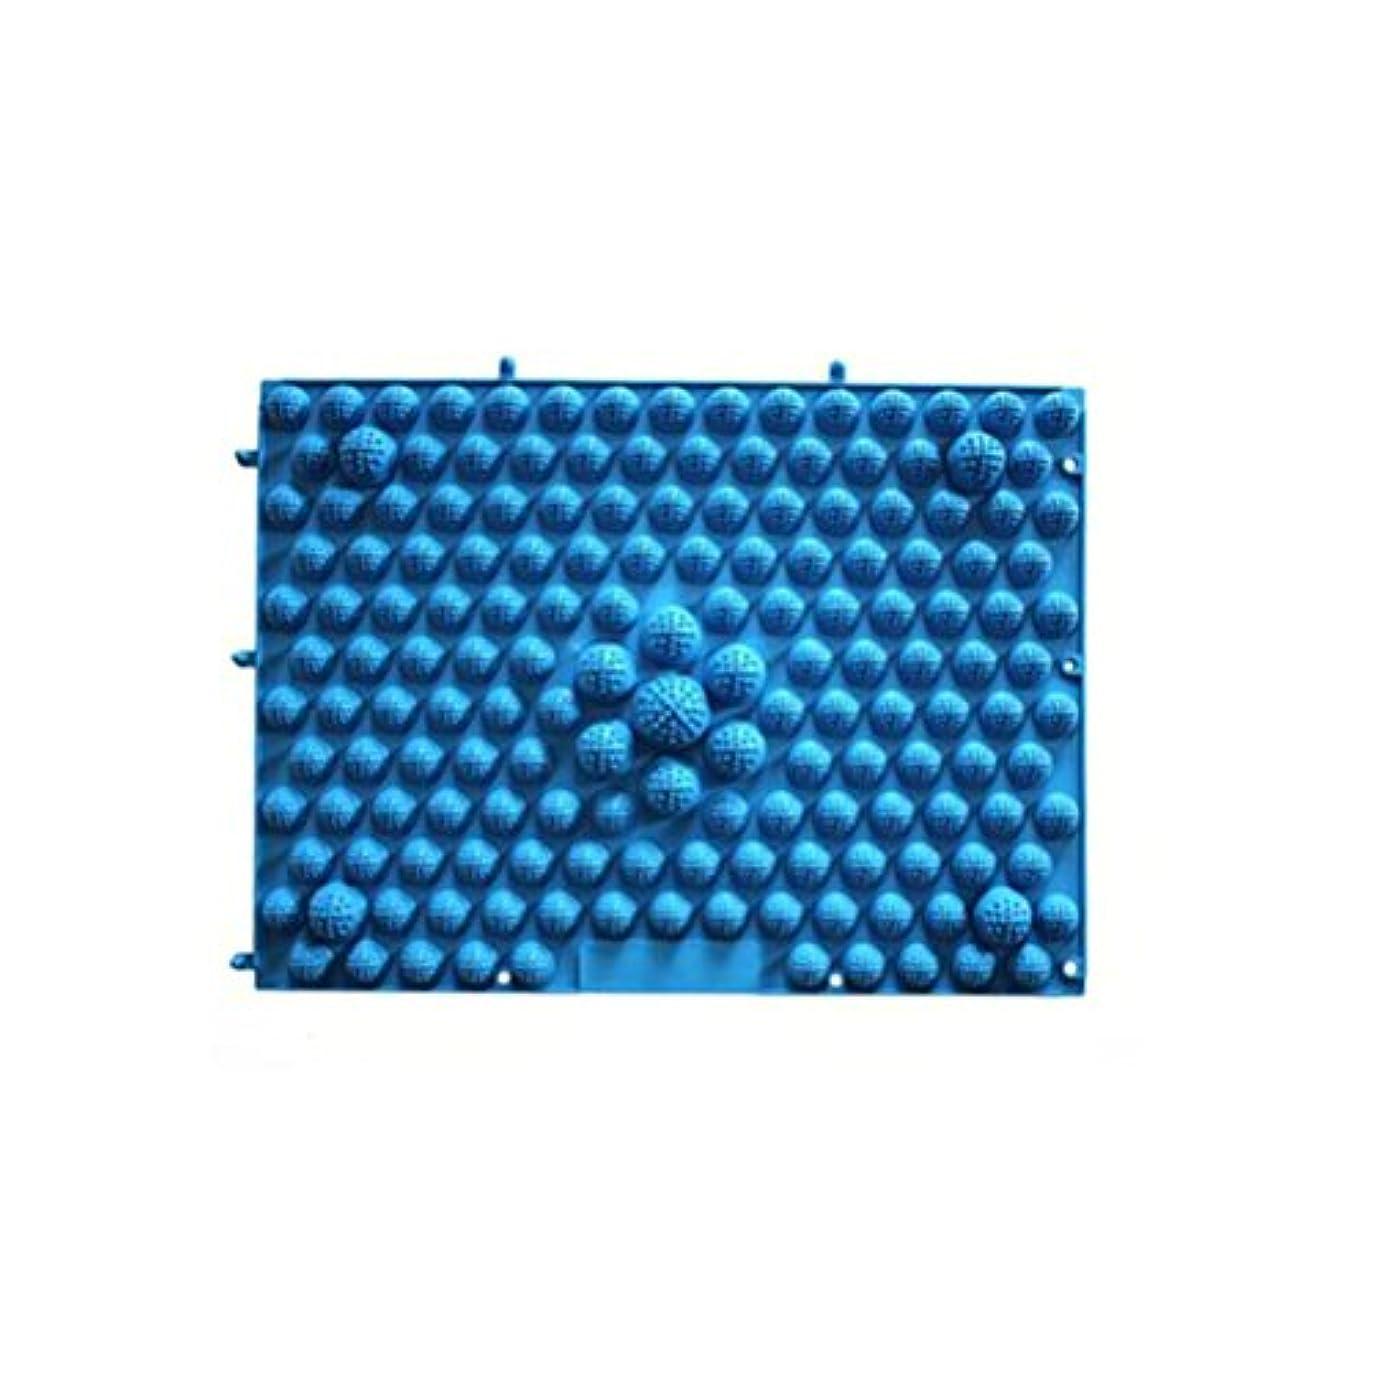 パプアニューギニア補体刺激するROSENICE 足マッサージマット 血液循環指圧マットフィートヘルスケアマッサージプレート(ブルー)